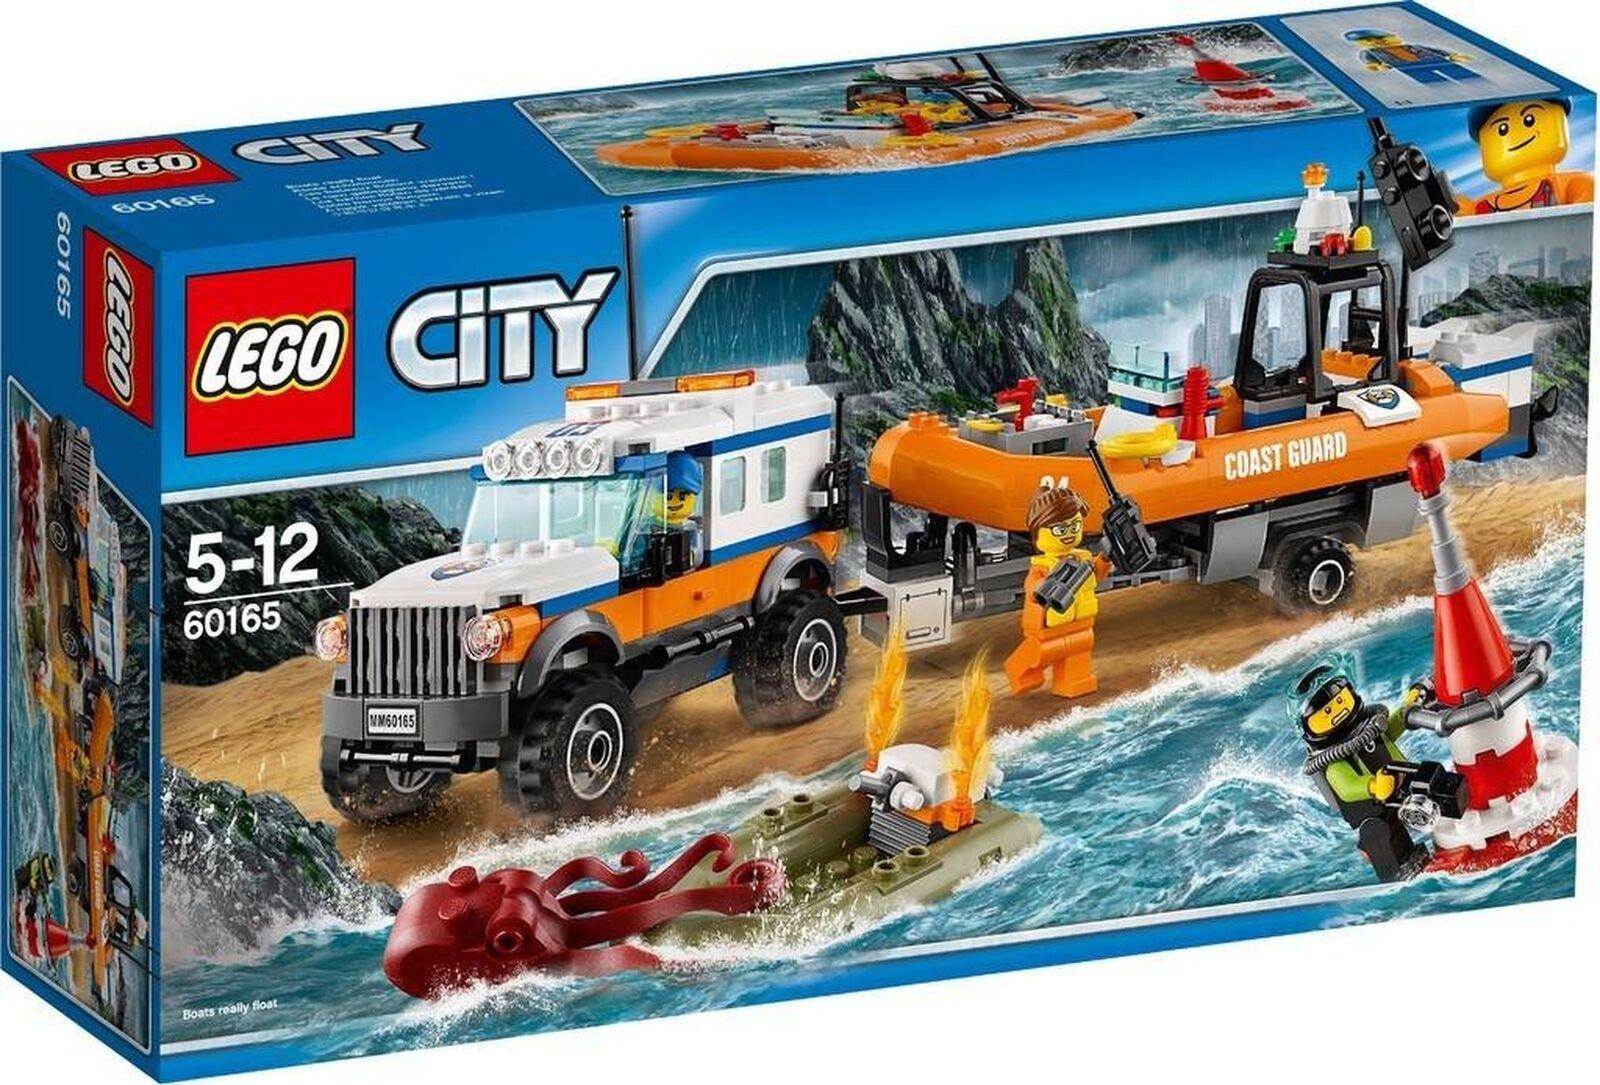 LEGO CITY 4 x 4 unità di risposta 60165